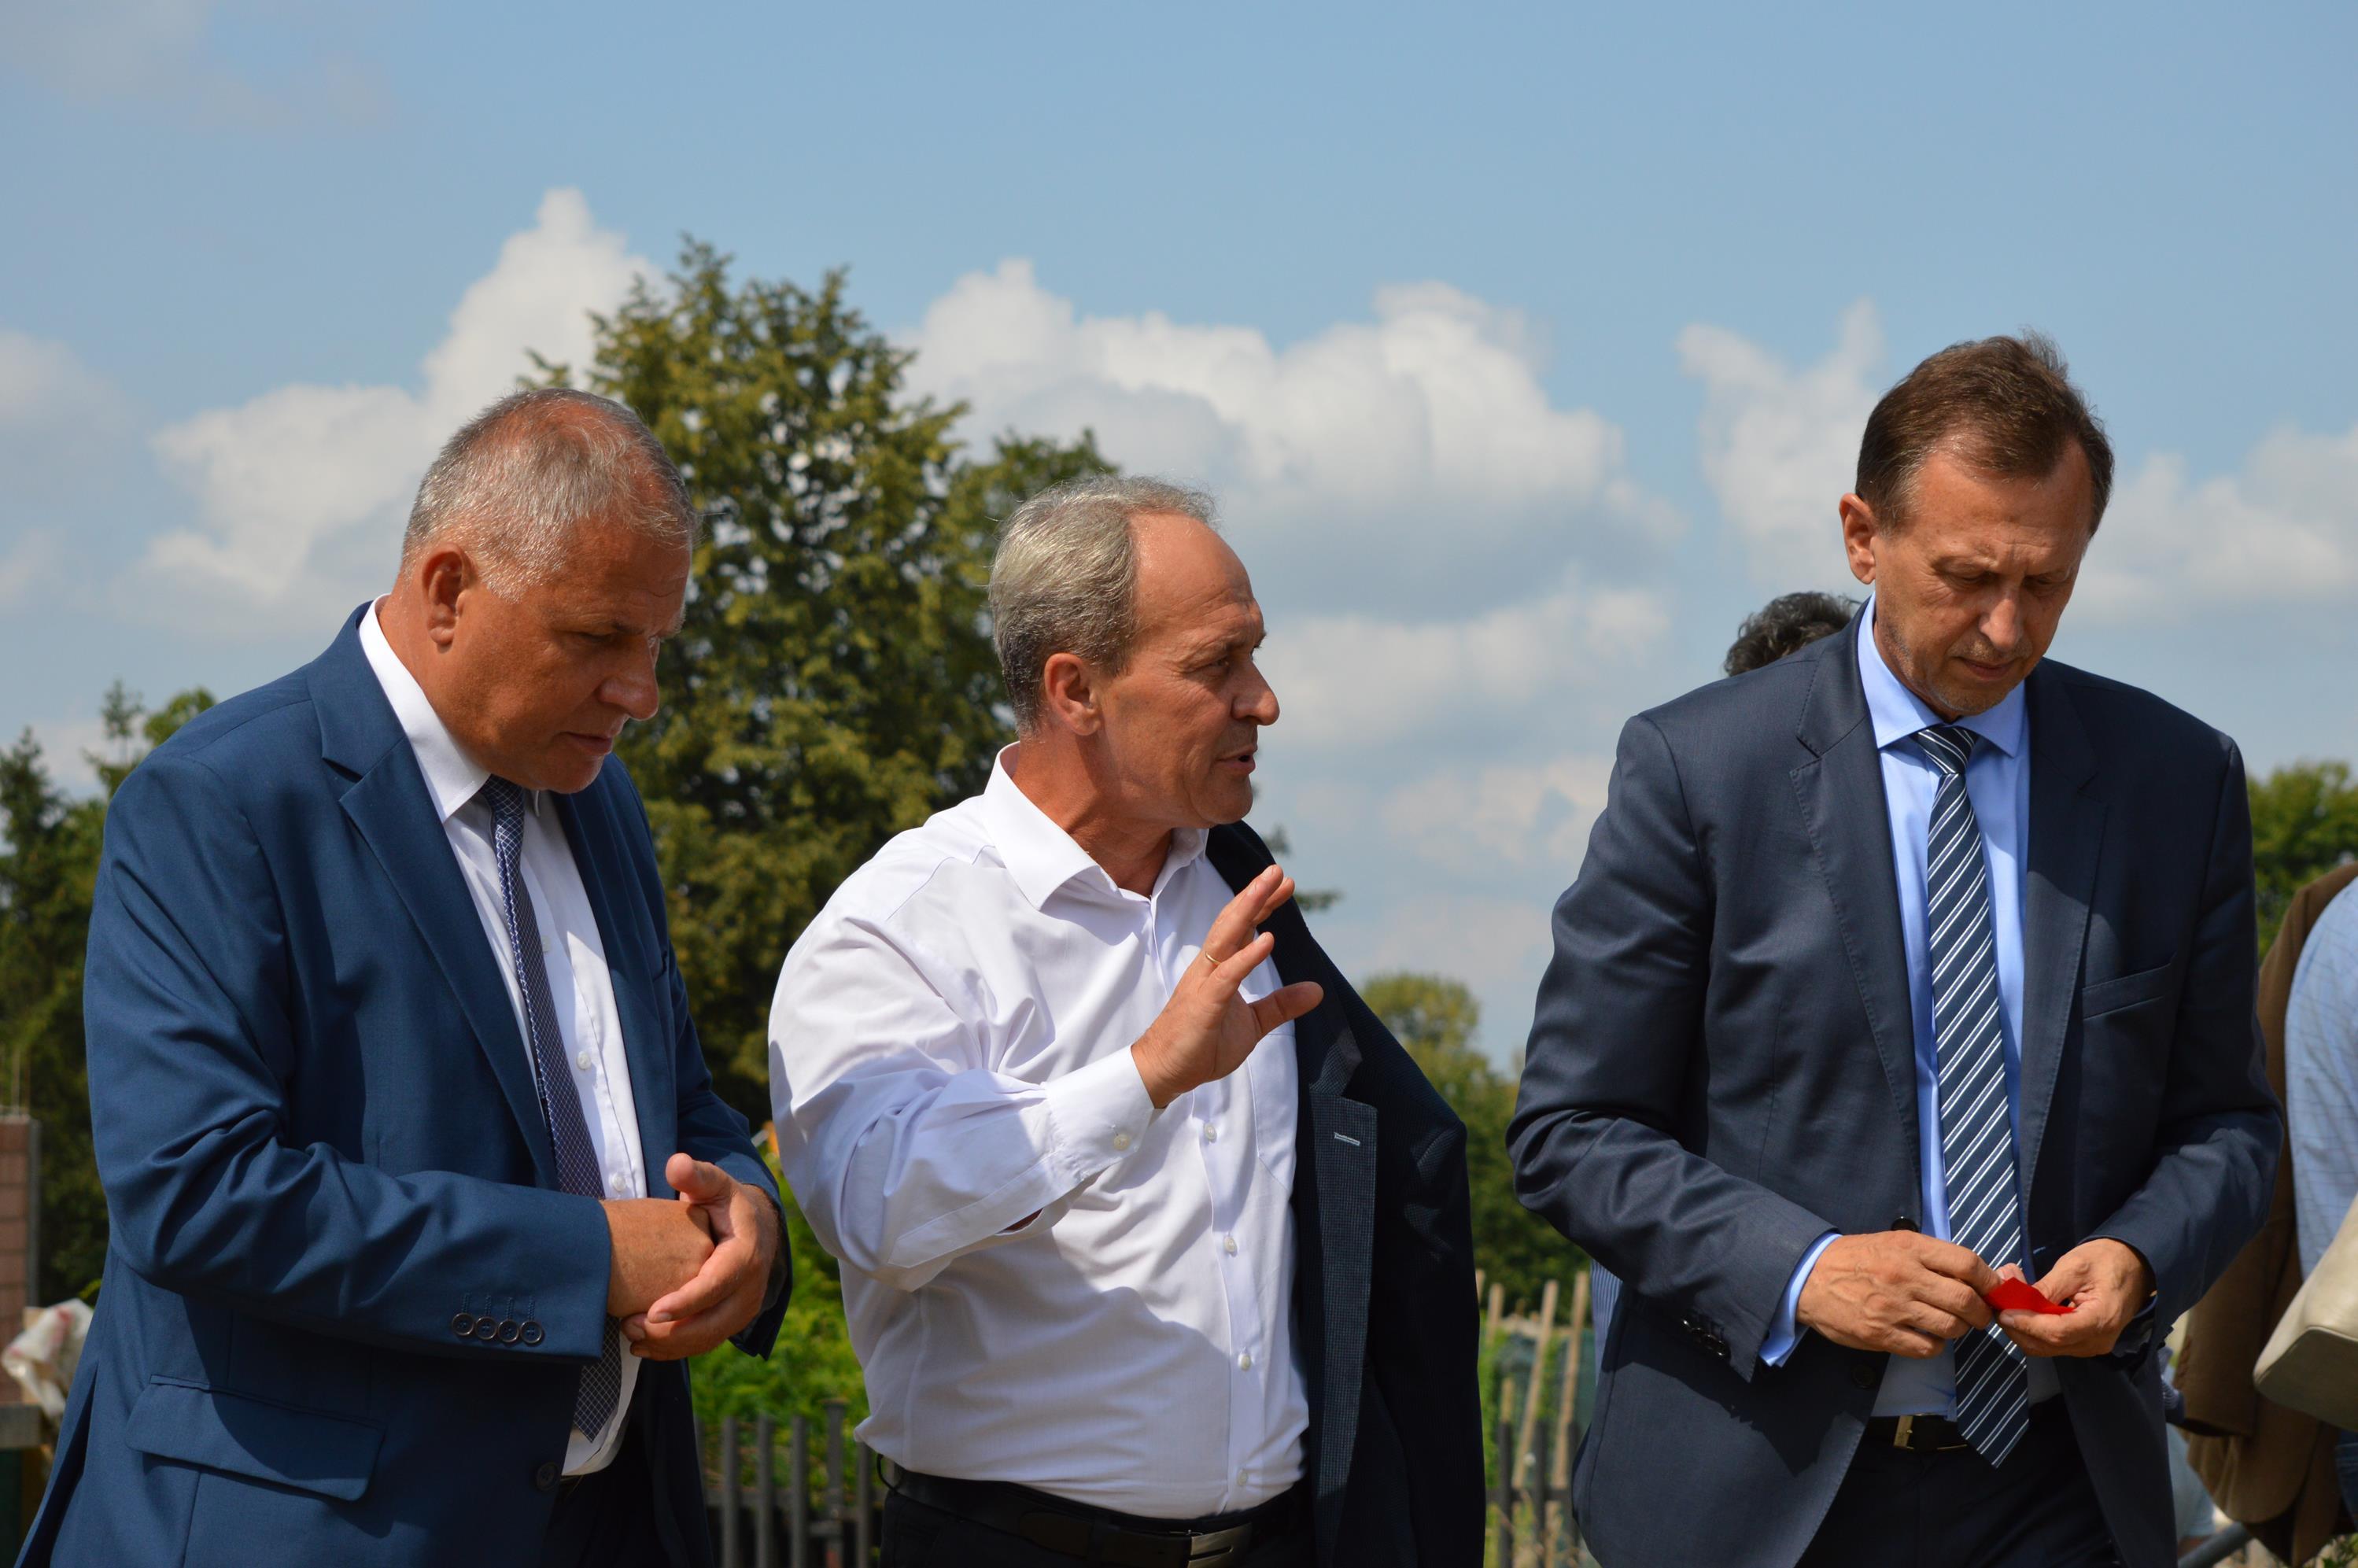 Marszałek przywiózł do Andrychowa umowę na unijną dotację [FOTO] [AKTUALIZACJA]